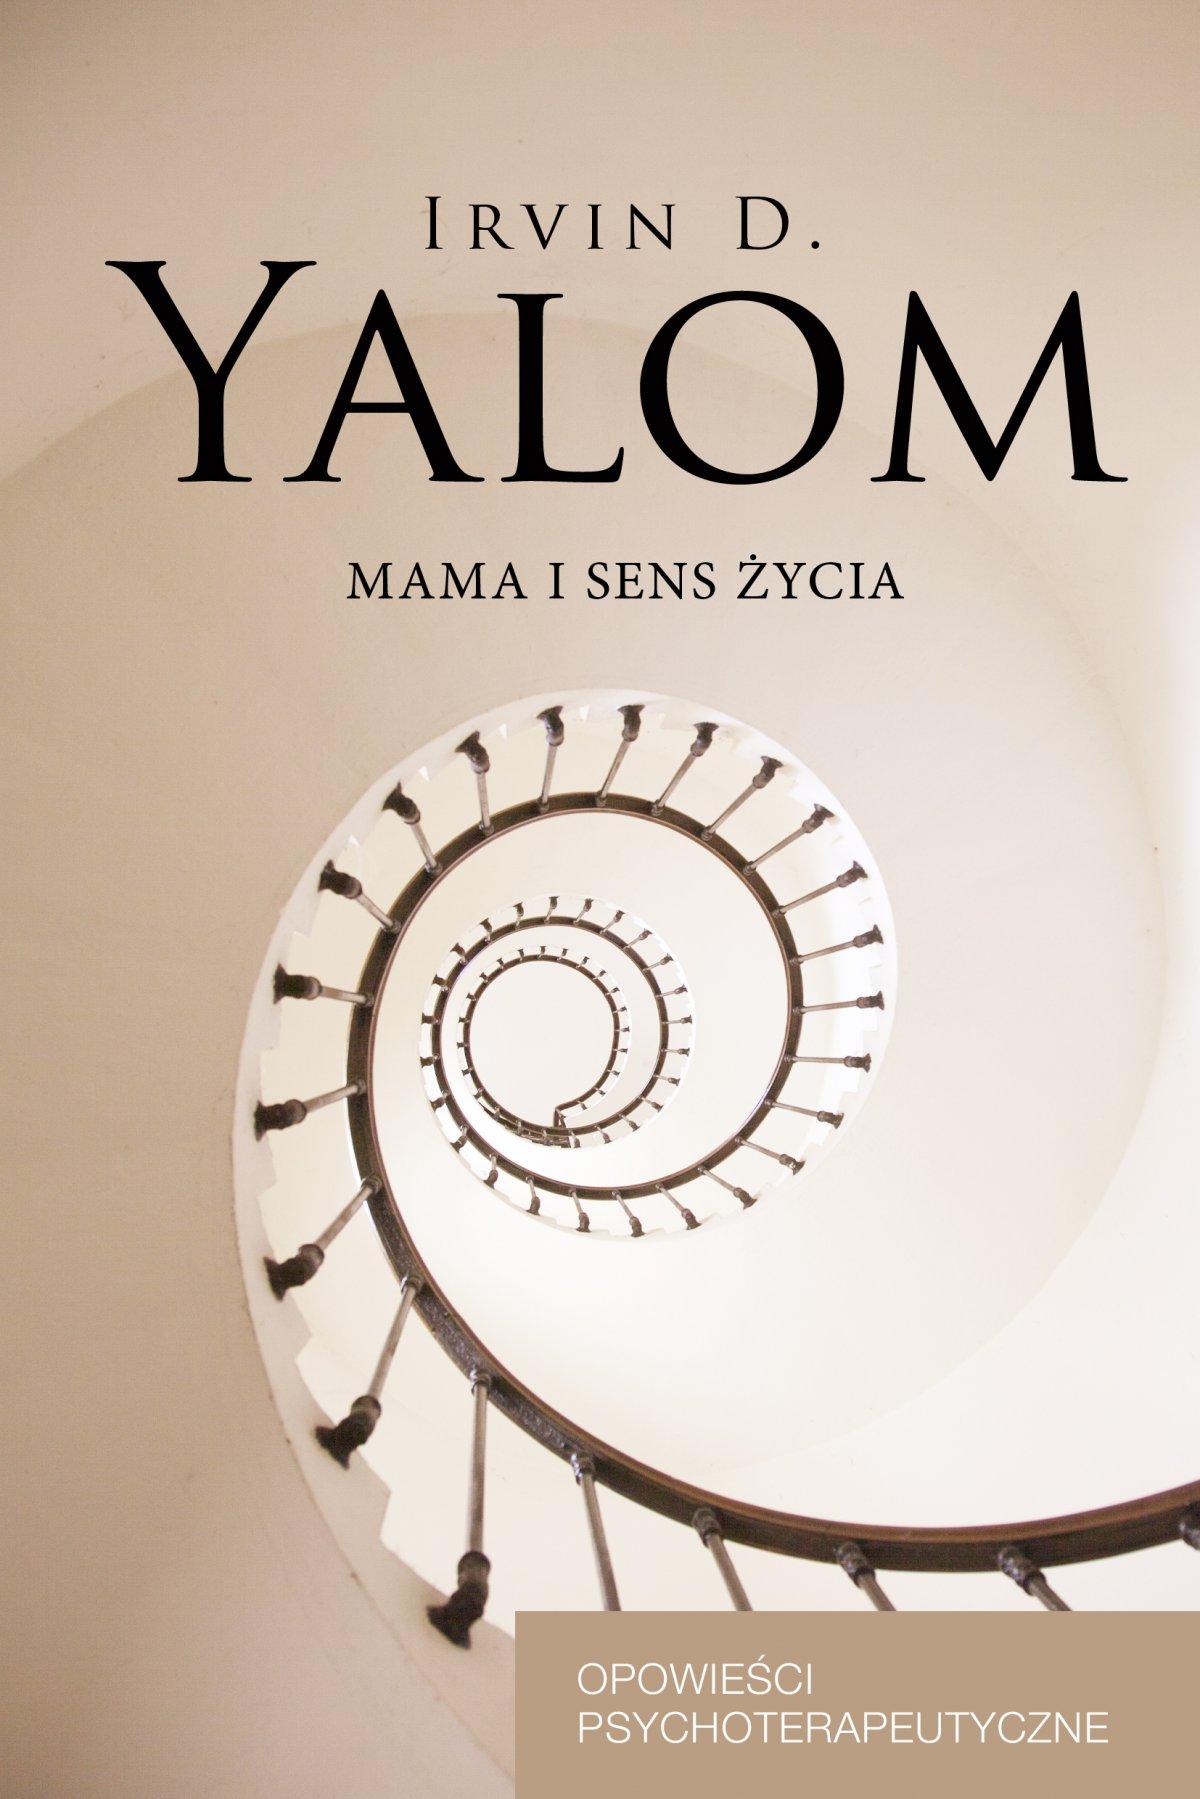 Mama i sens życia - Ebook (Książka EPUB) do pobrania w formacie EPUB